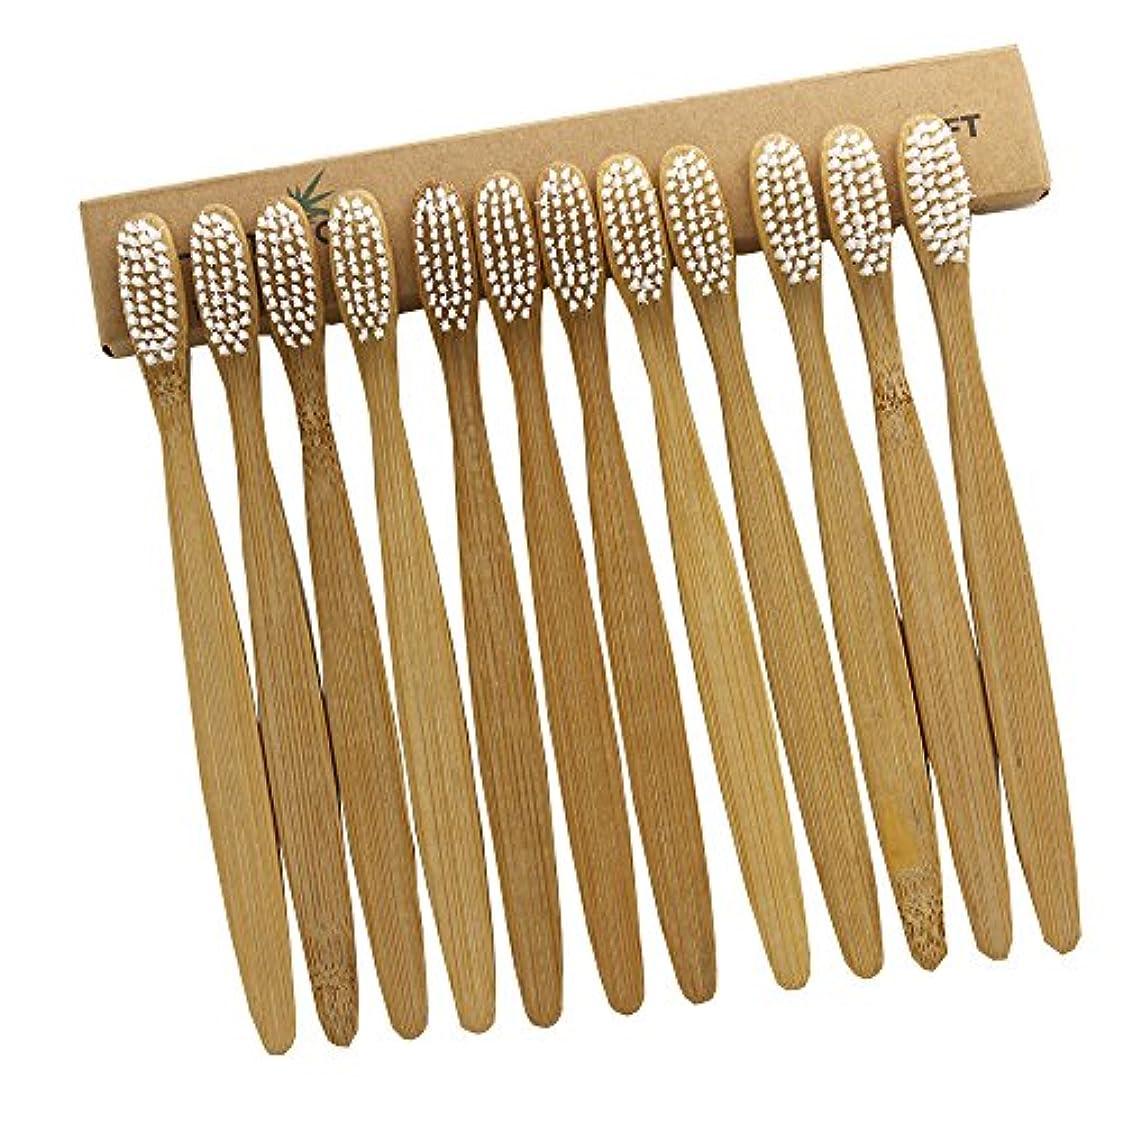 推進、動かす倍増難しいN-amboo 竹製 歯ブラシ 高耐久性 セット エコ 軽量 12本入り セット白